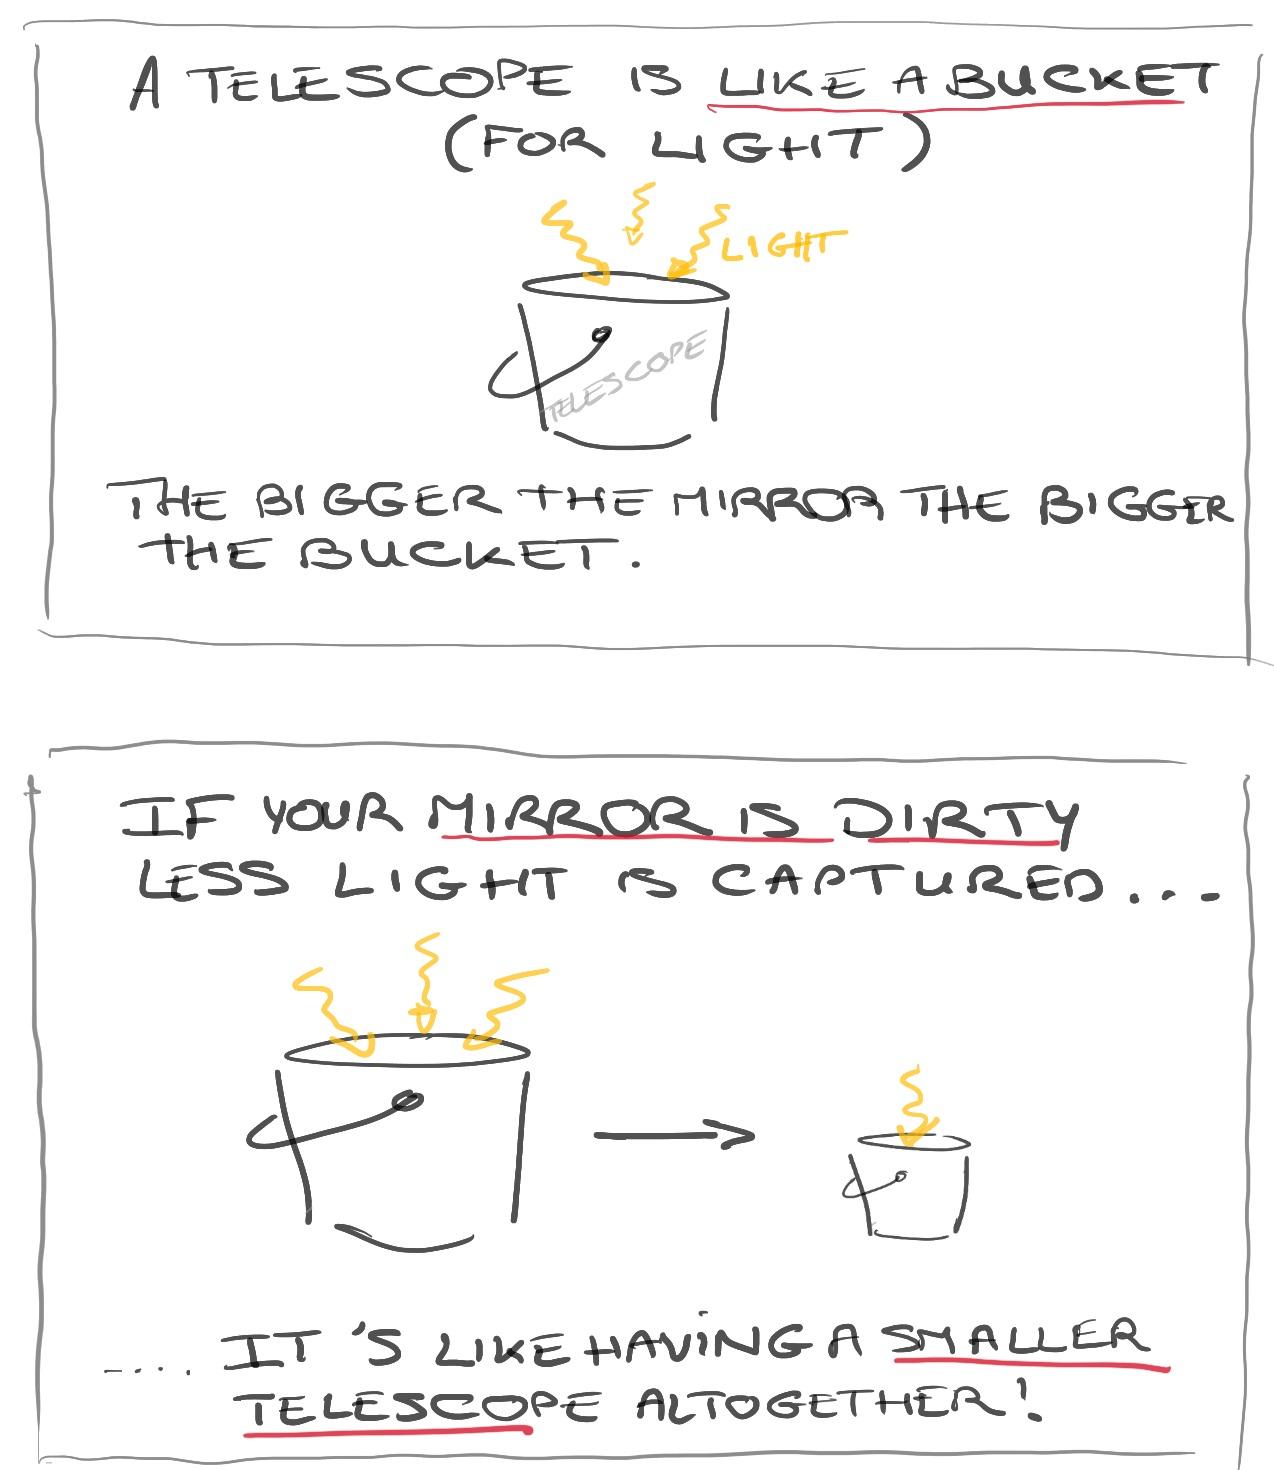 lightbucket.jpg